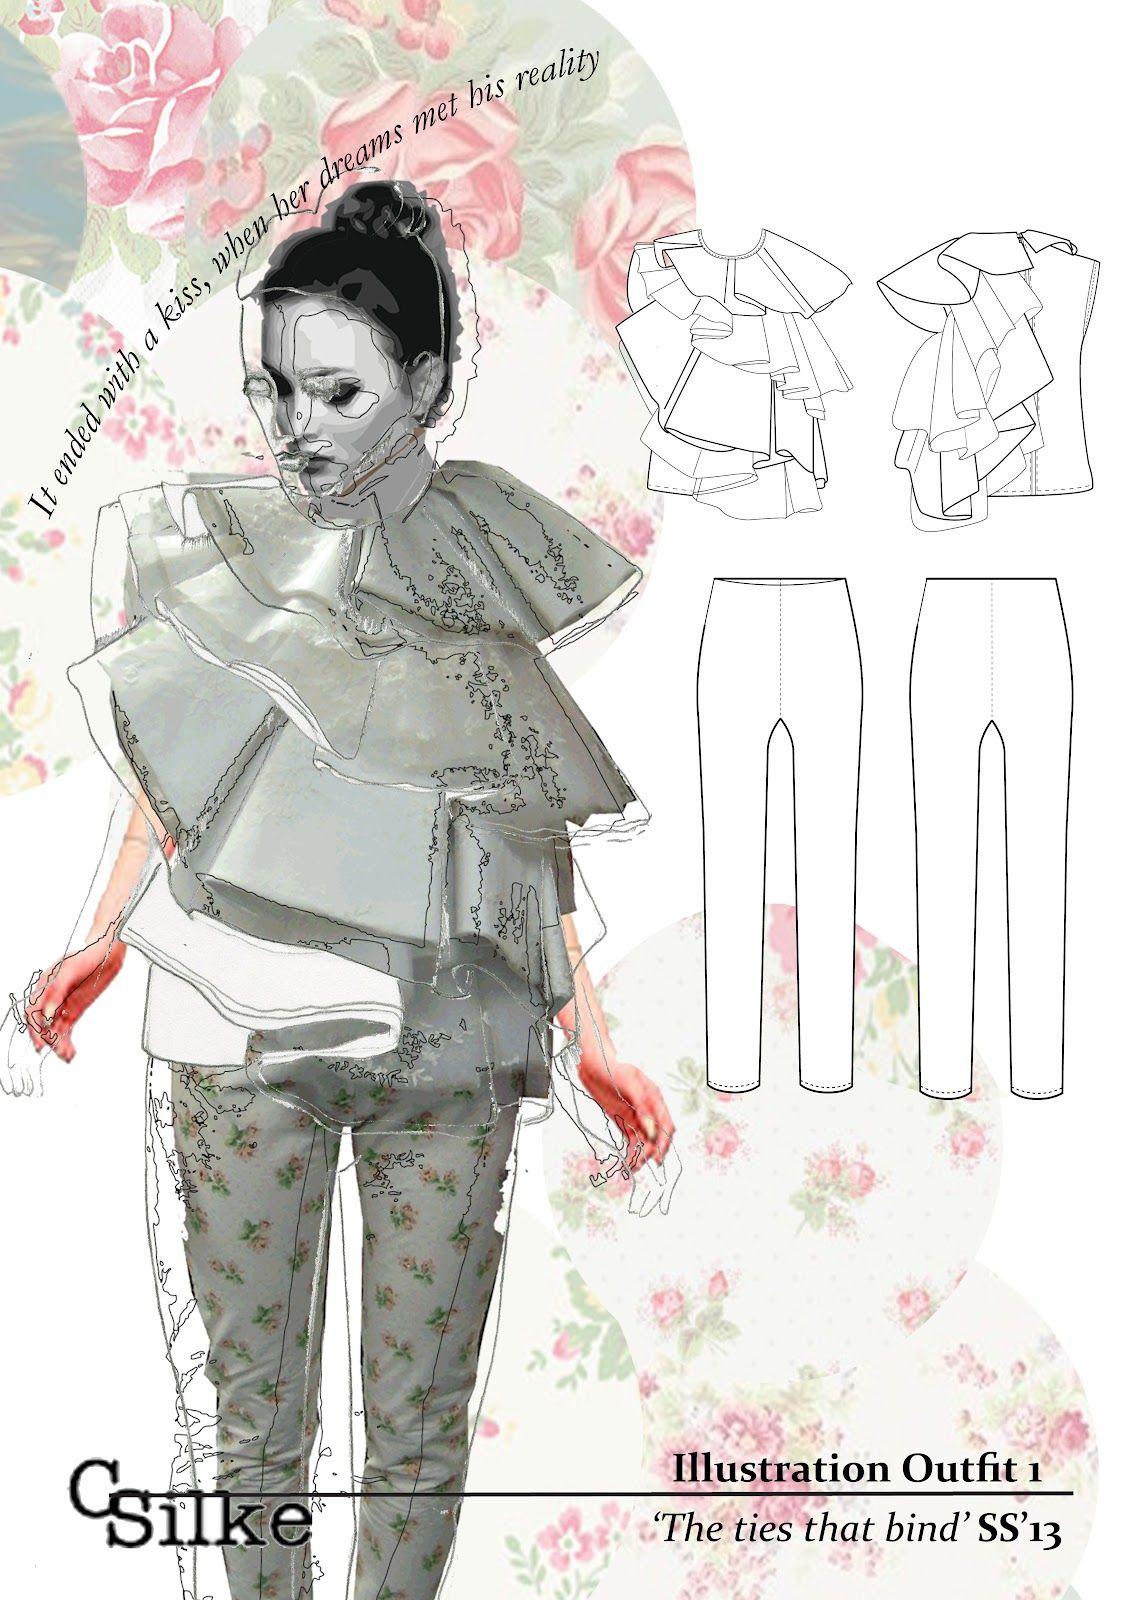 Lsad Fashion Graduates Clare Silke